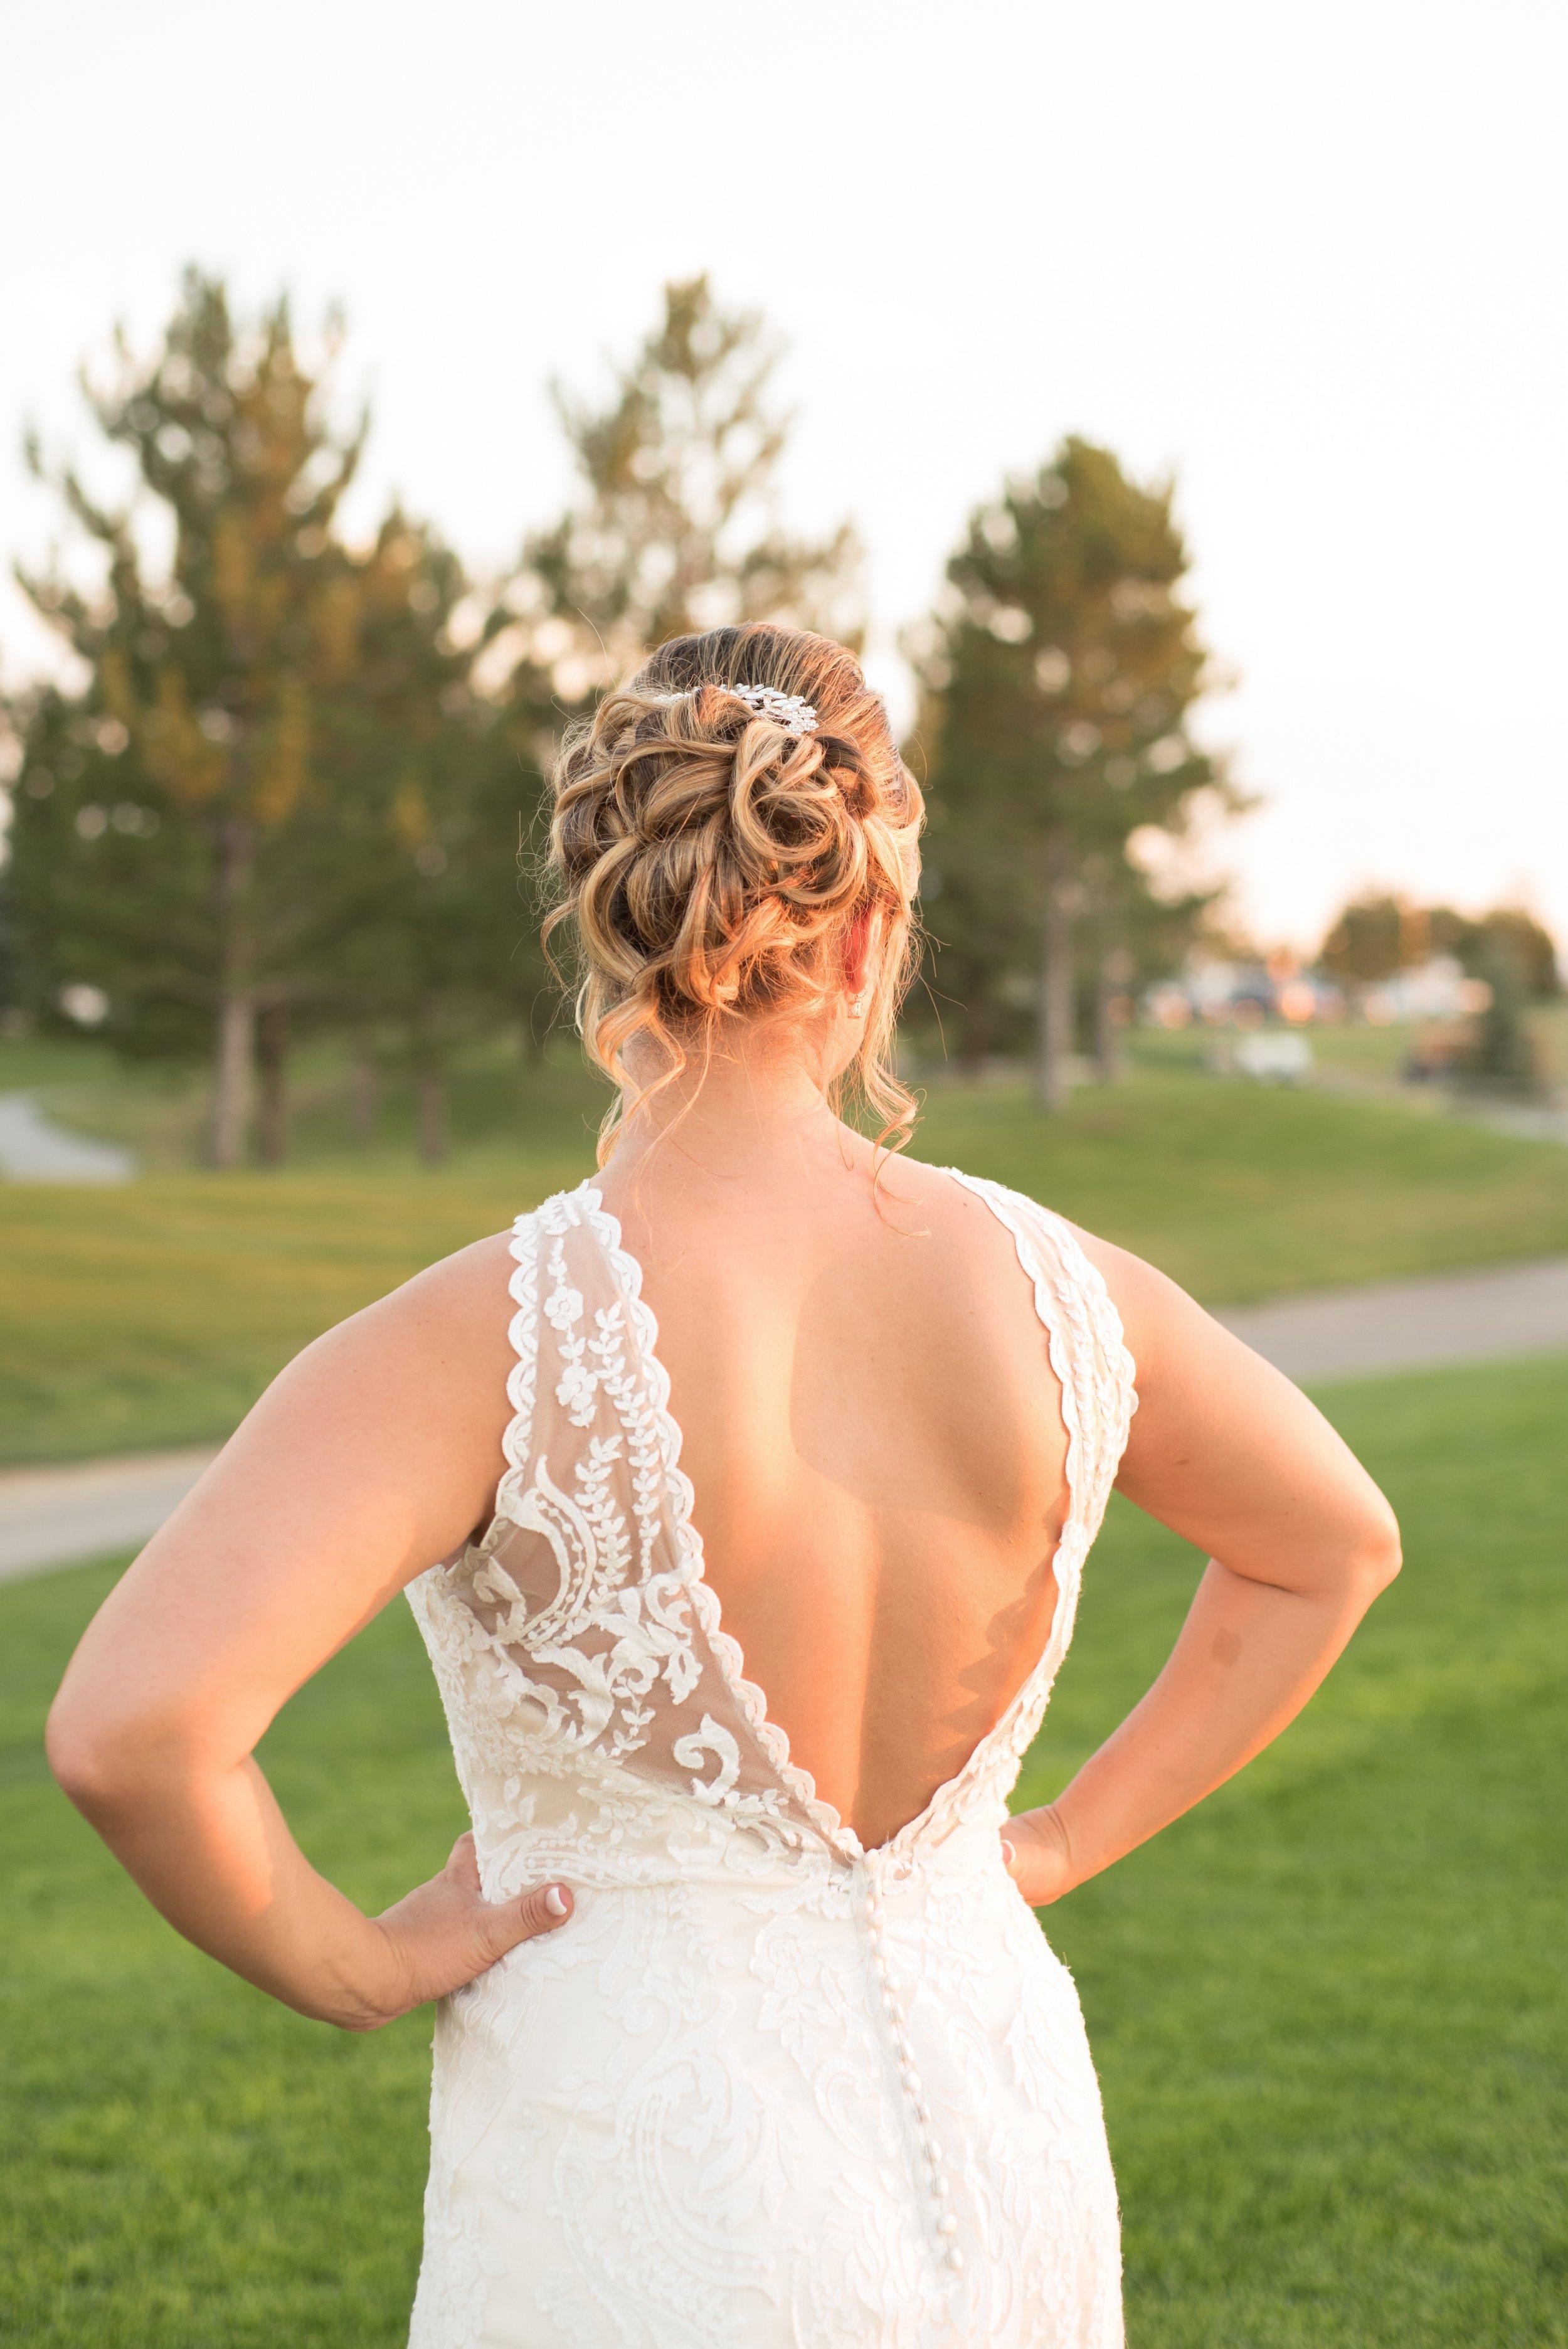 Denver-wedding-hairstylist-bride-updo-braid